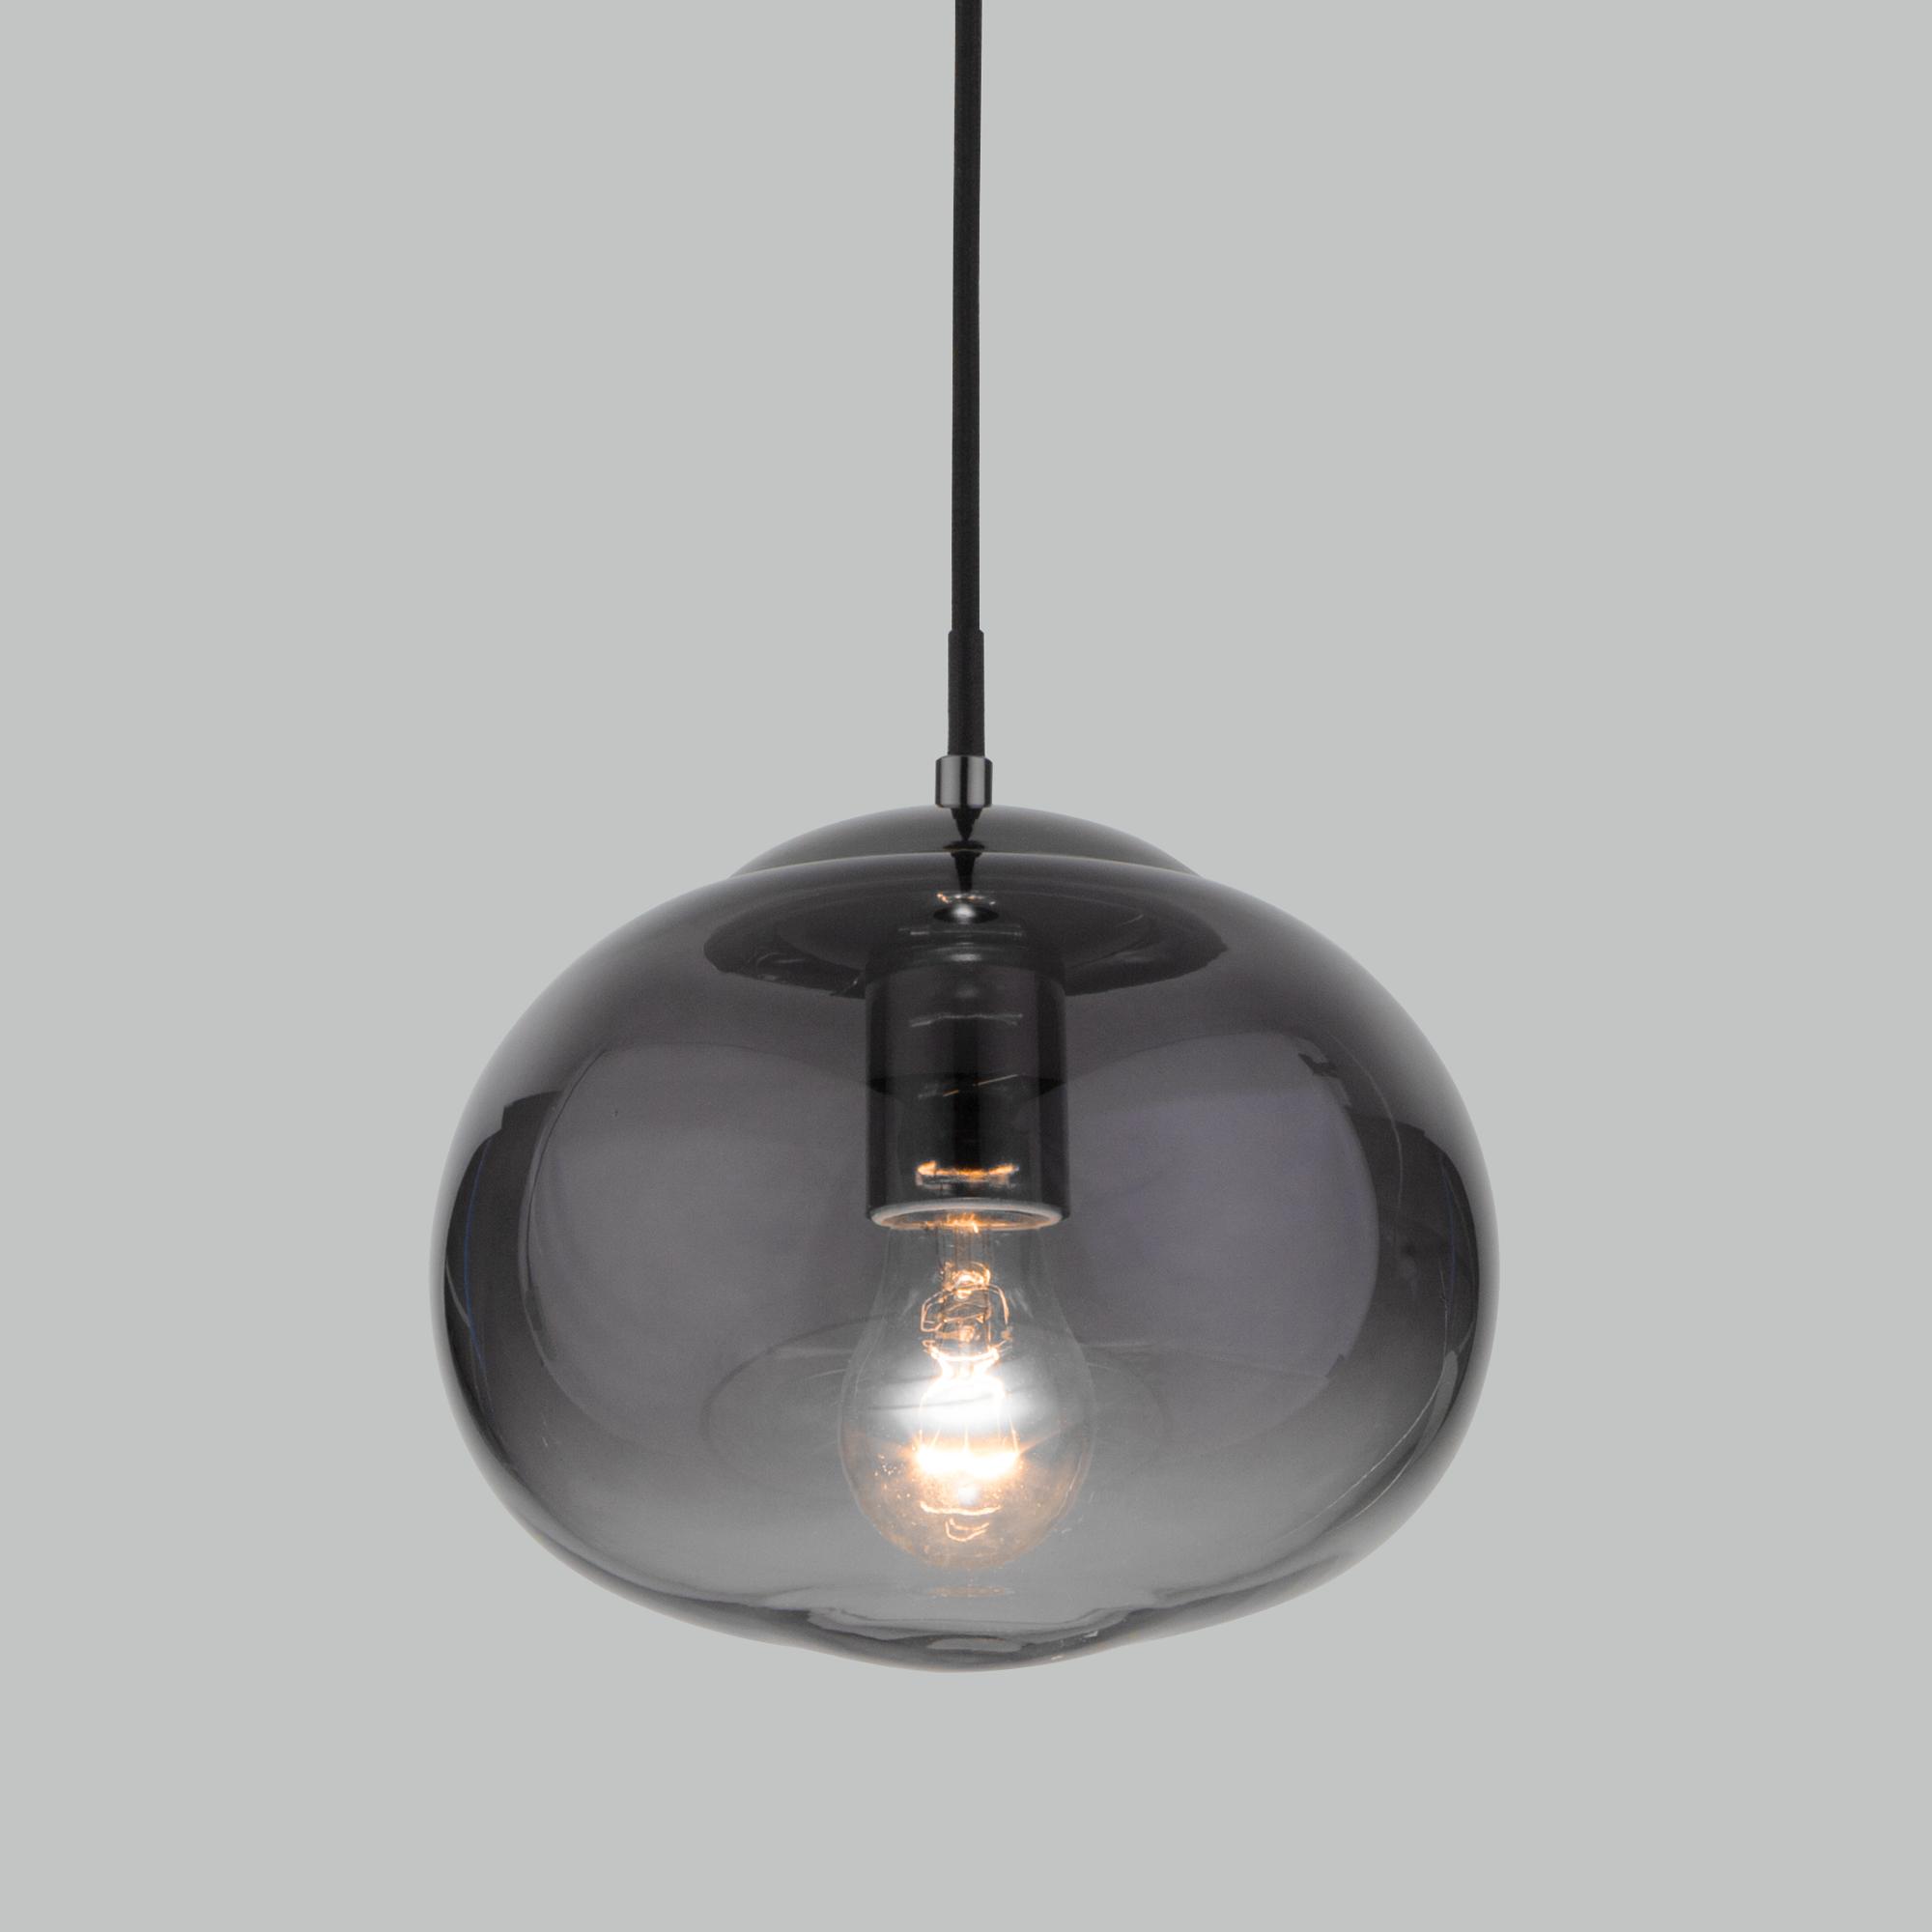 Подвесной светильник со стеклянным плафоном 50212/1 дымчатый